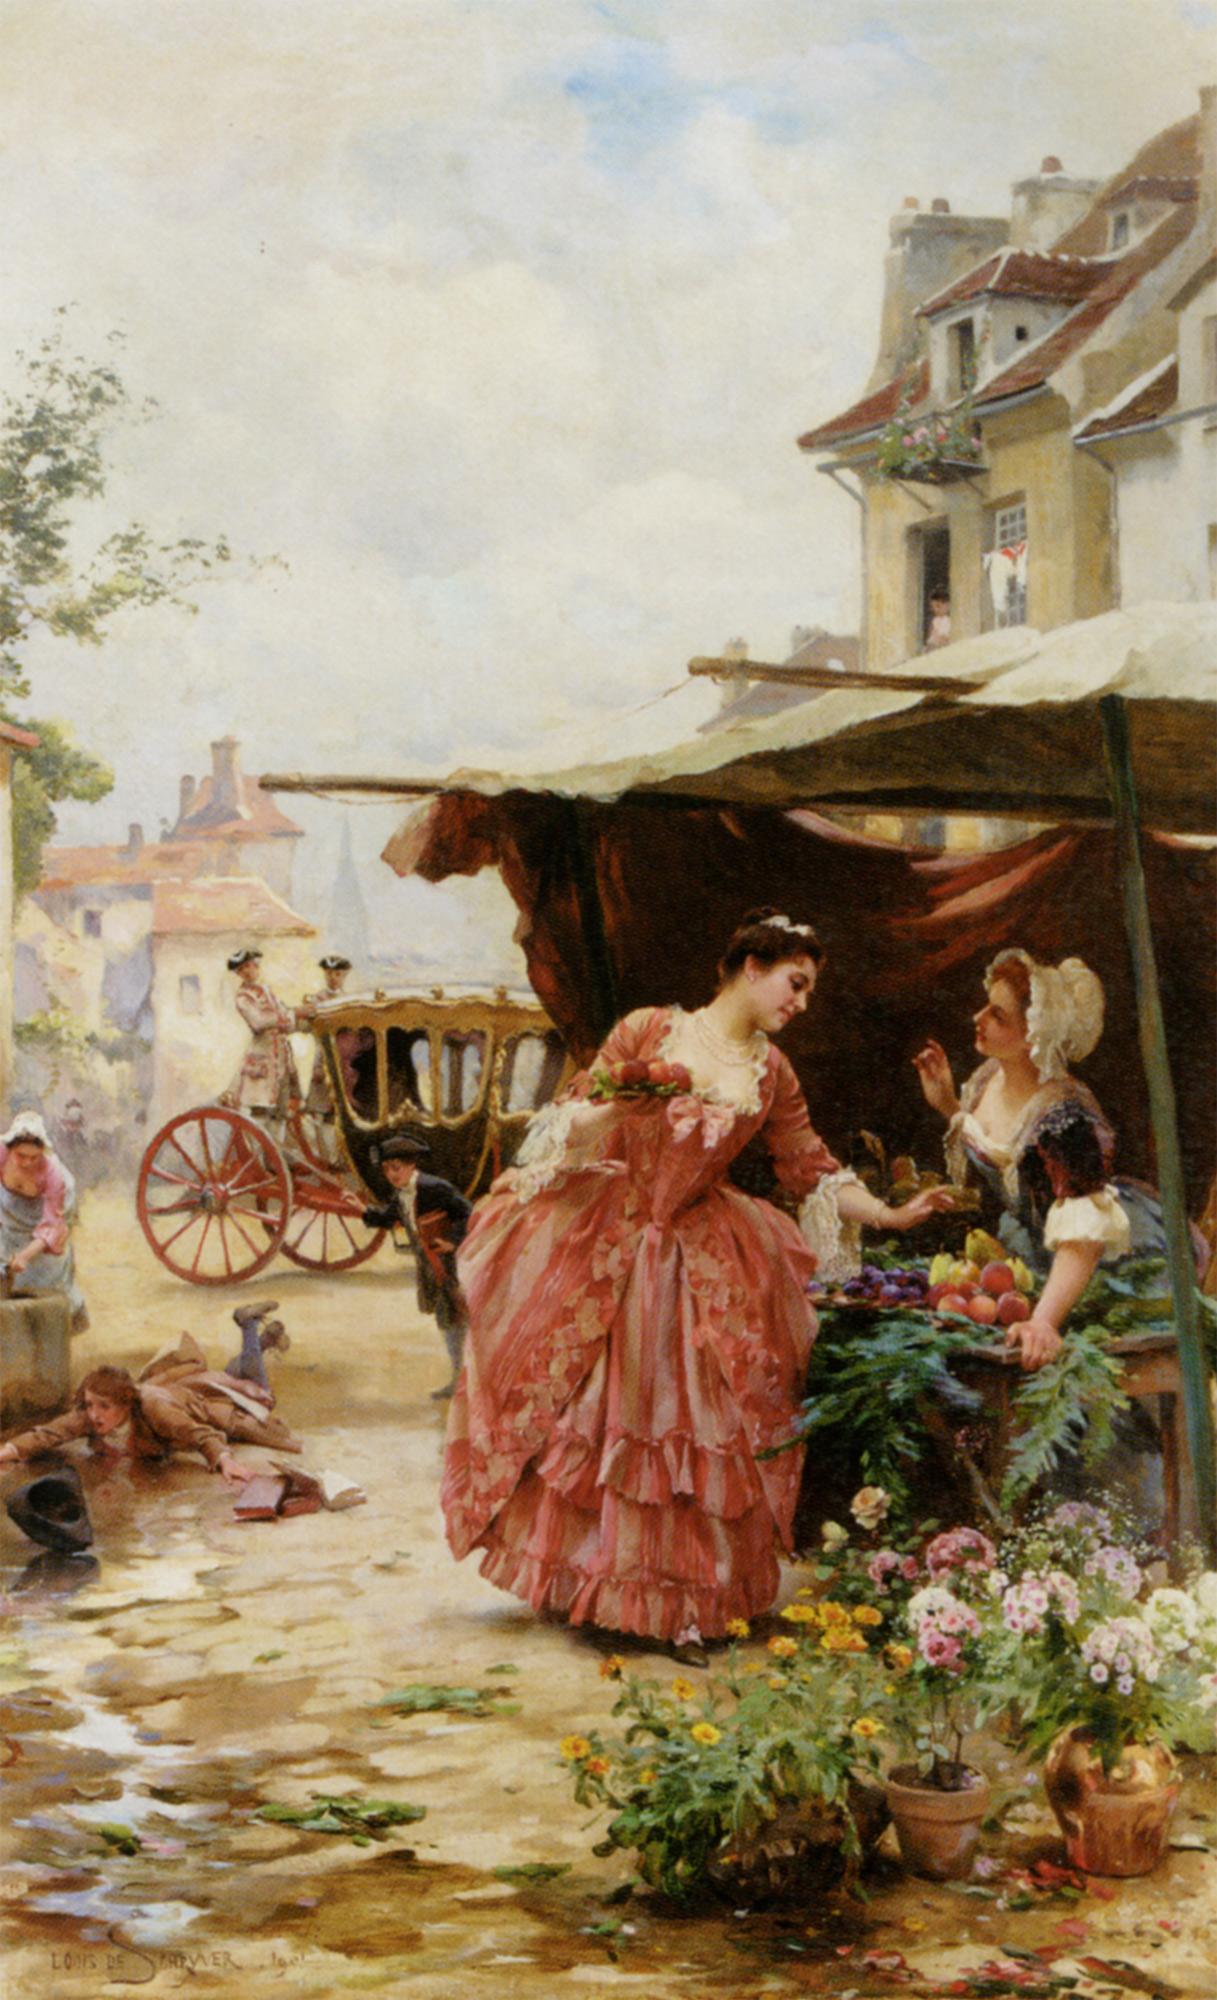 A Merchant Fruit and Flowers :: Louis Marie de Schryver - Romantic scenes in art and painting ôîòî